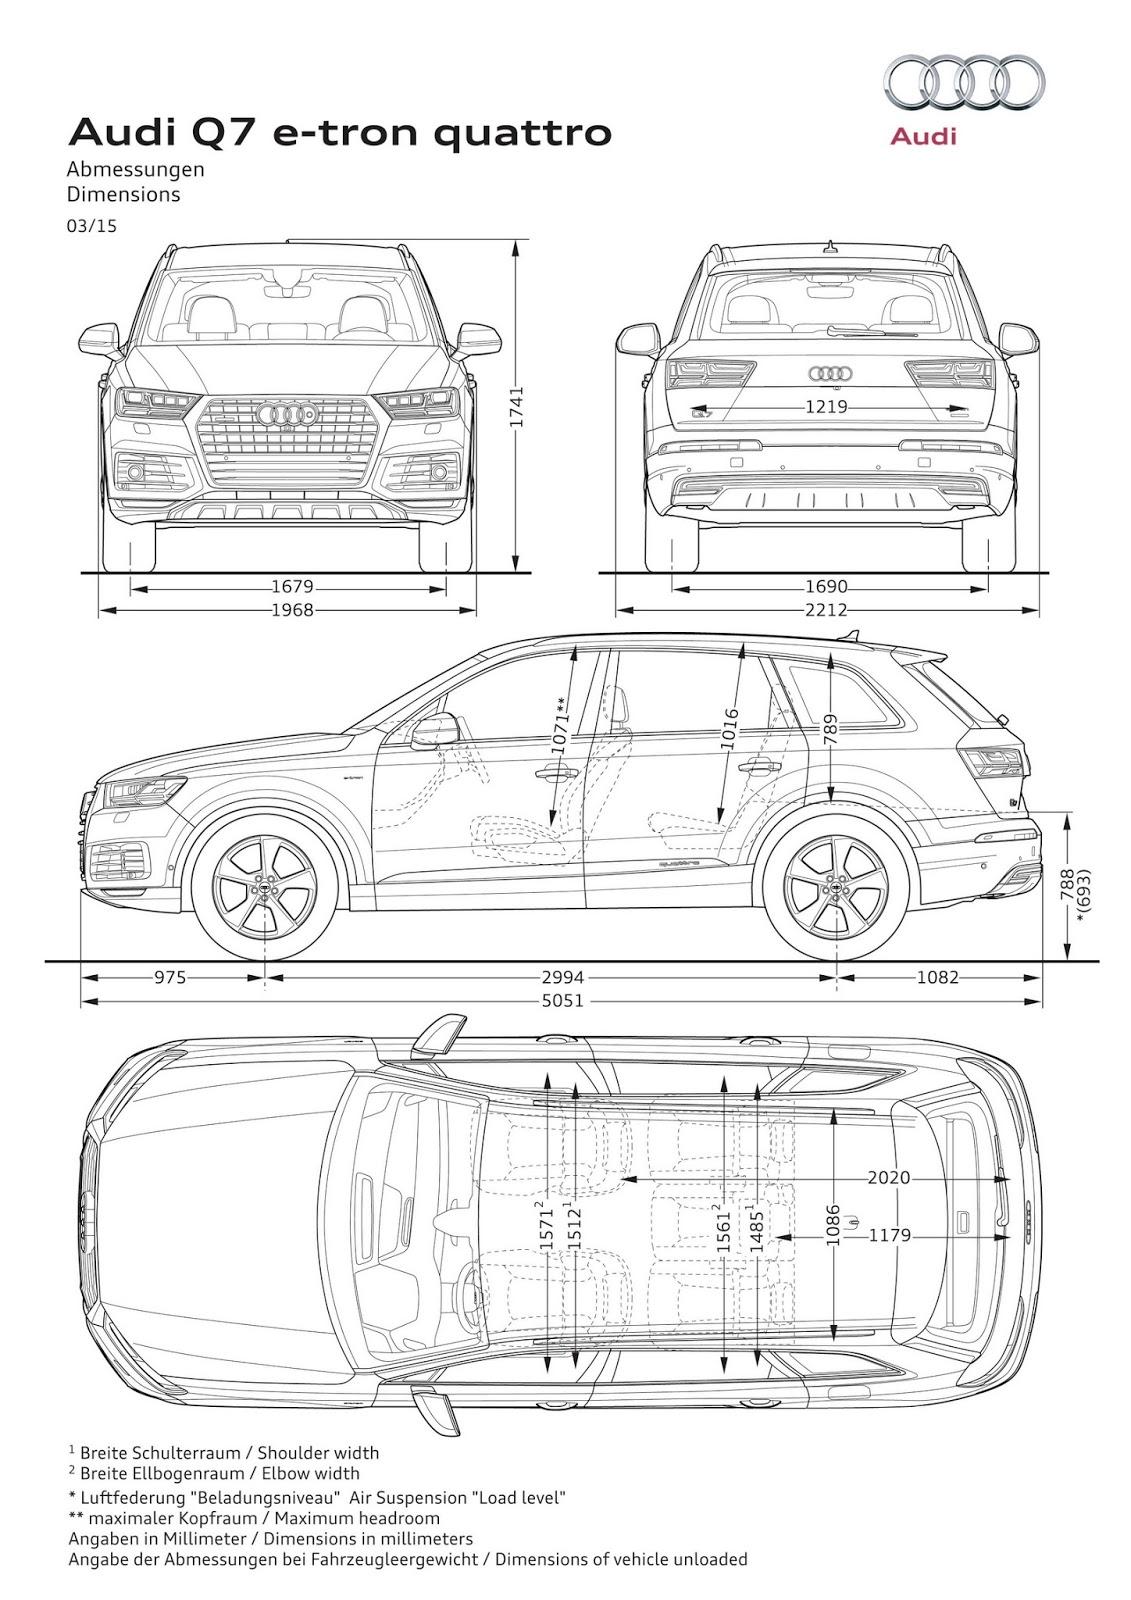 Audi Details Super Frugal Plug In Hybrid Q7 E Tron 3 0 Tdi